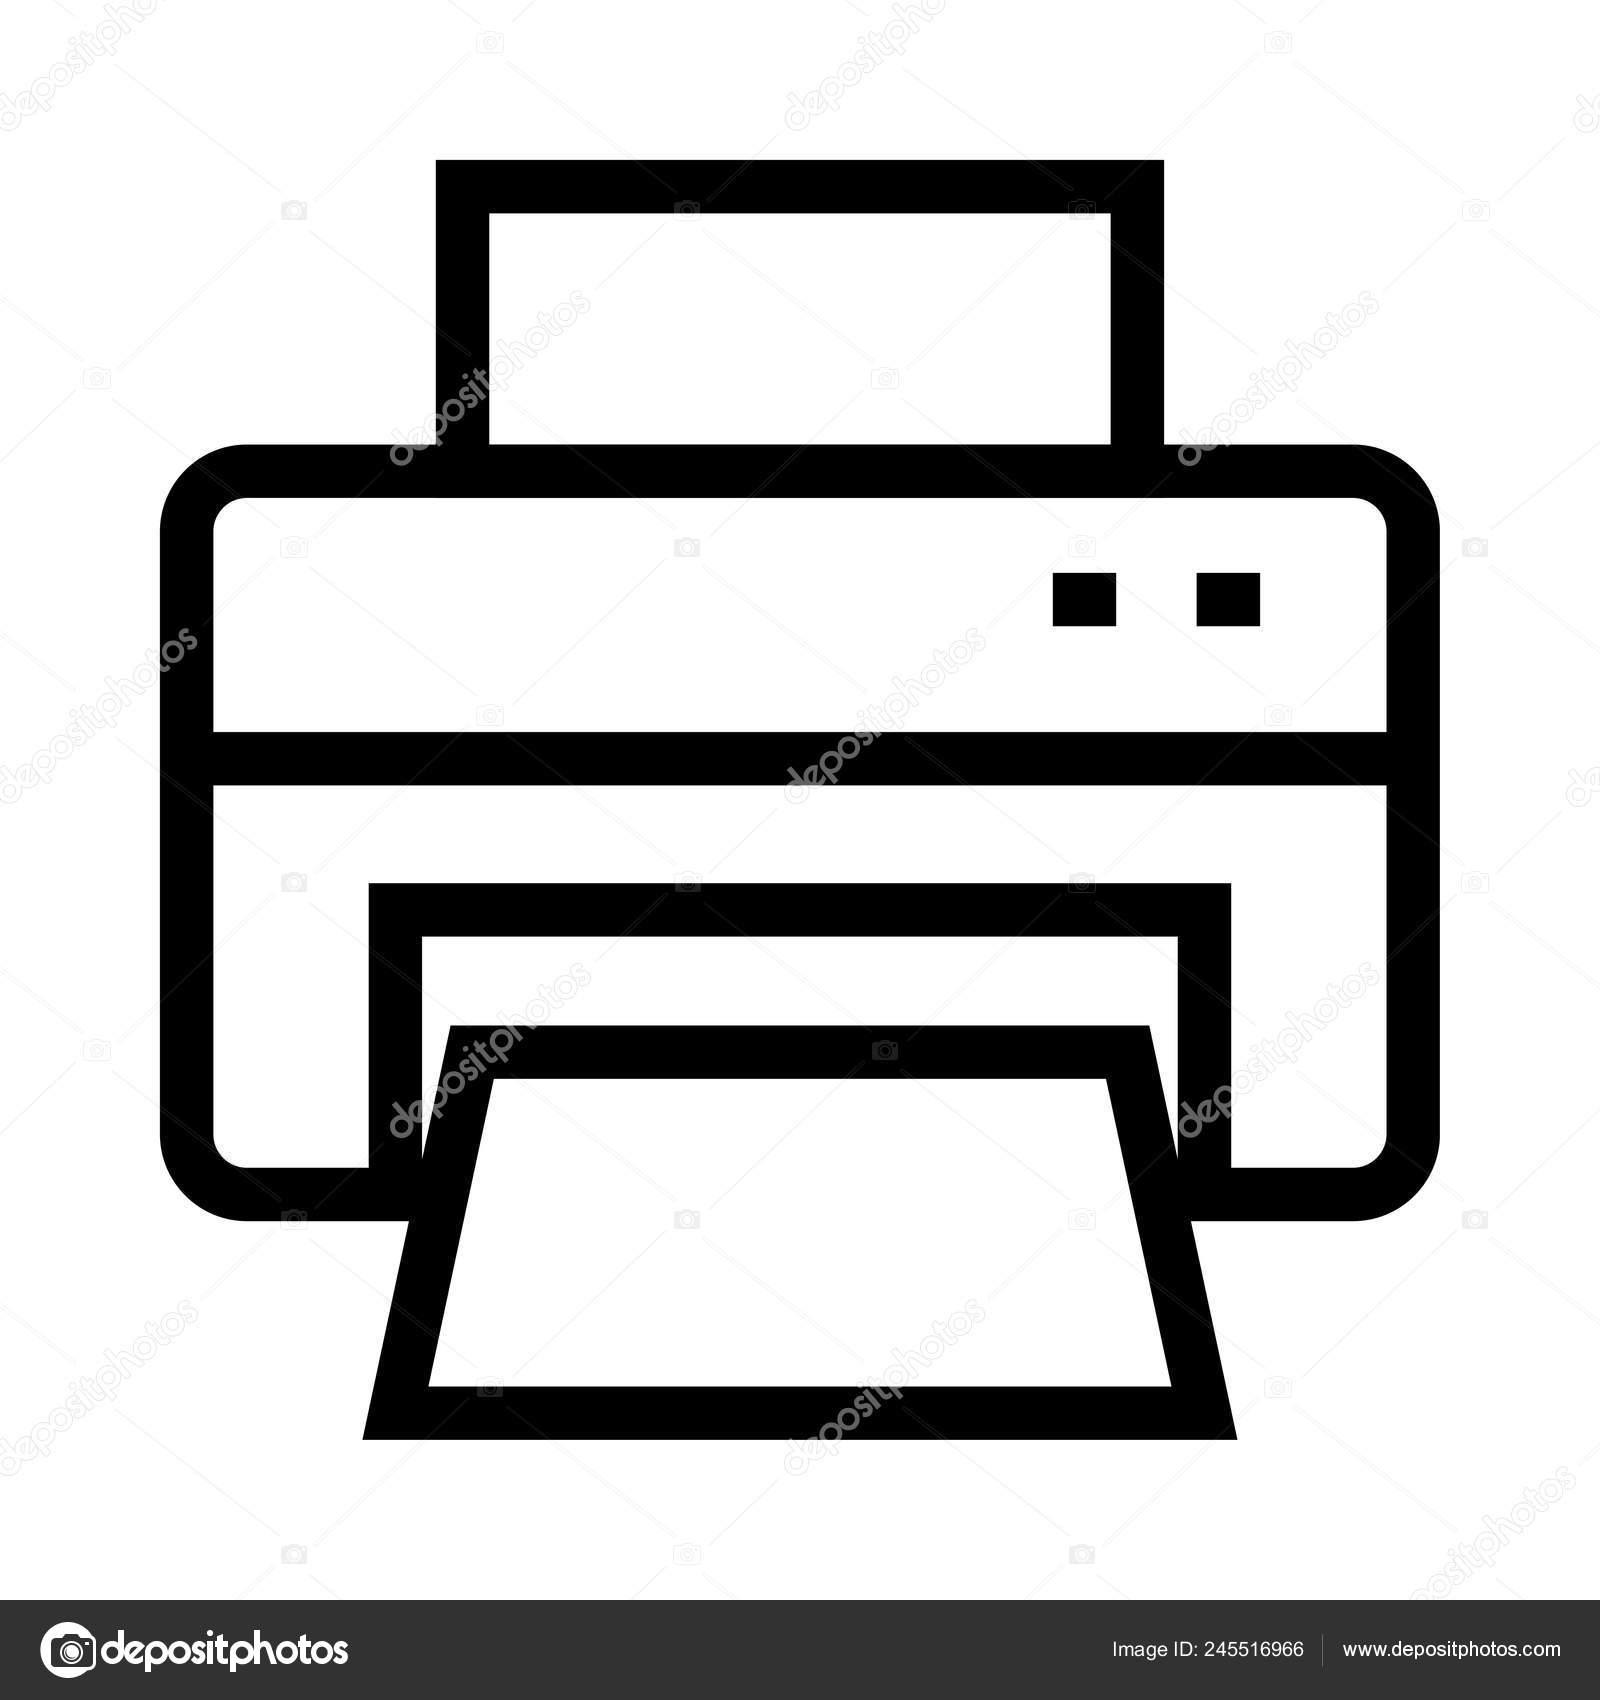 fax vector line icon stock vector c iconscart 245516966 fax vector line icon stock vector c iconscart 245516966